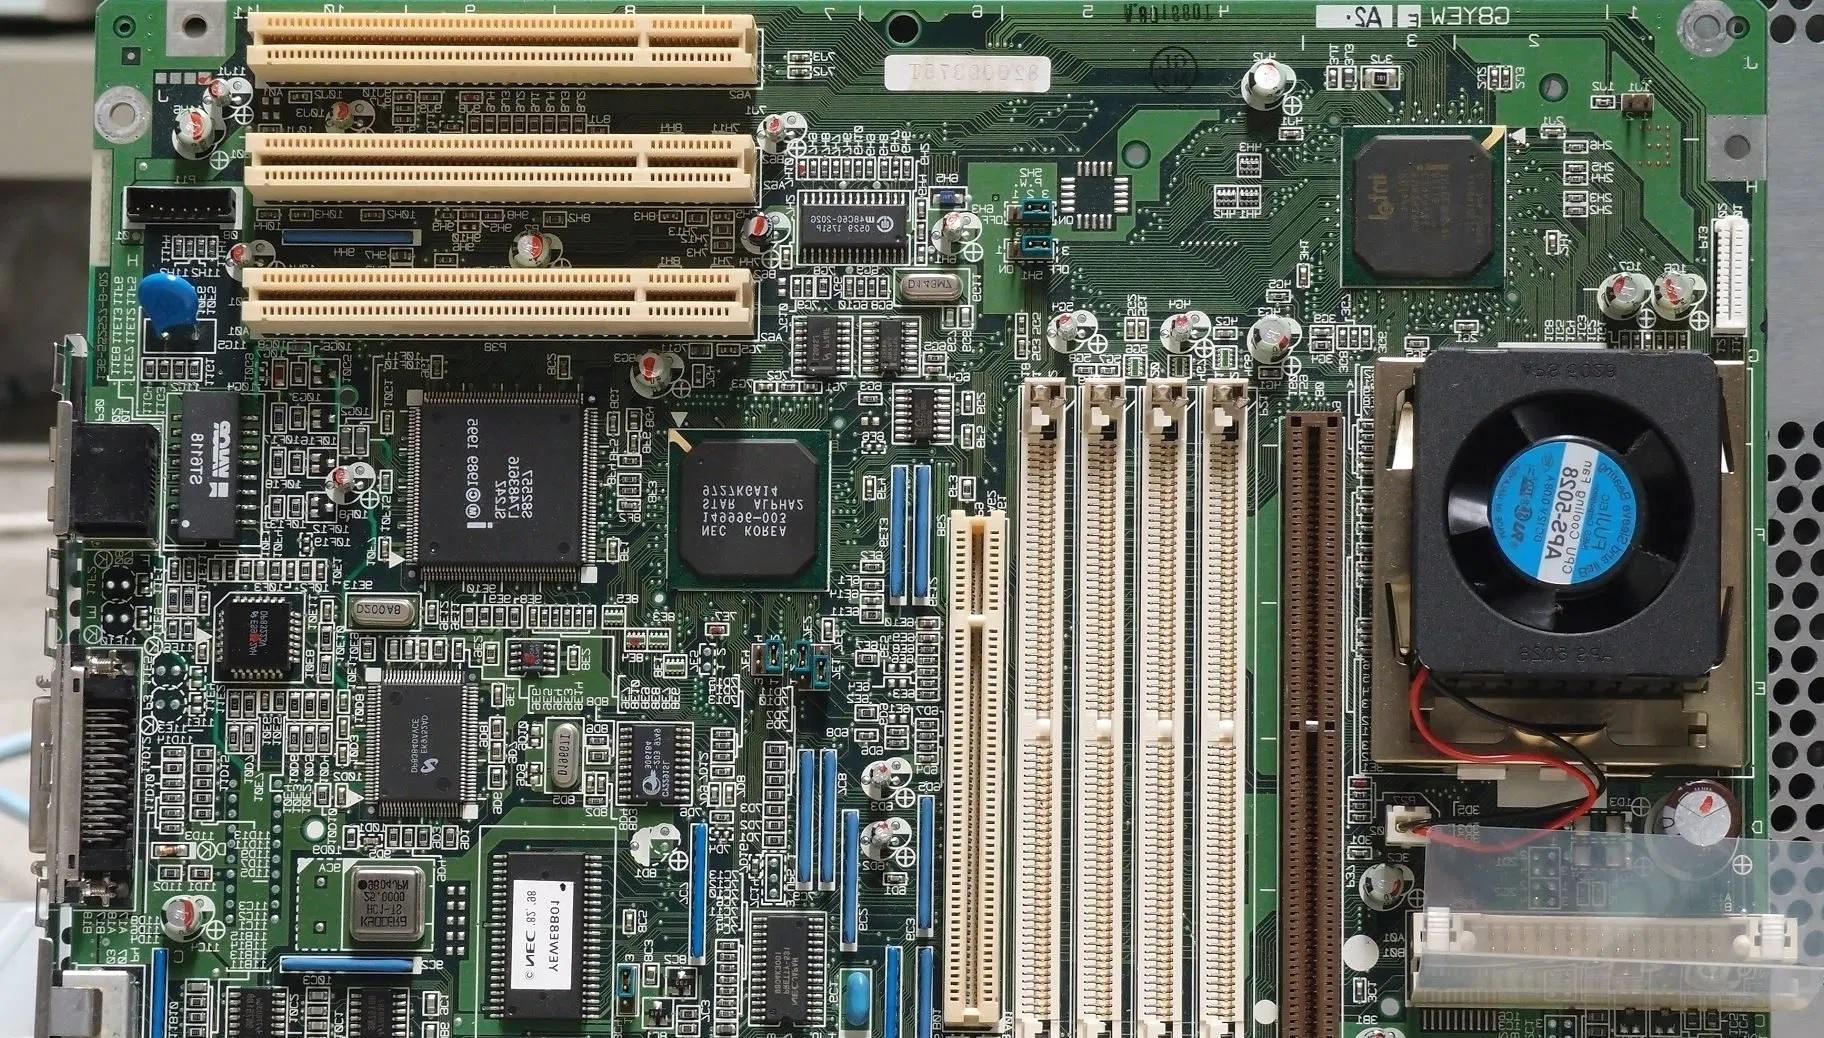 ekspansi slot pada komputer